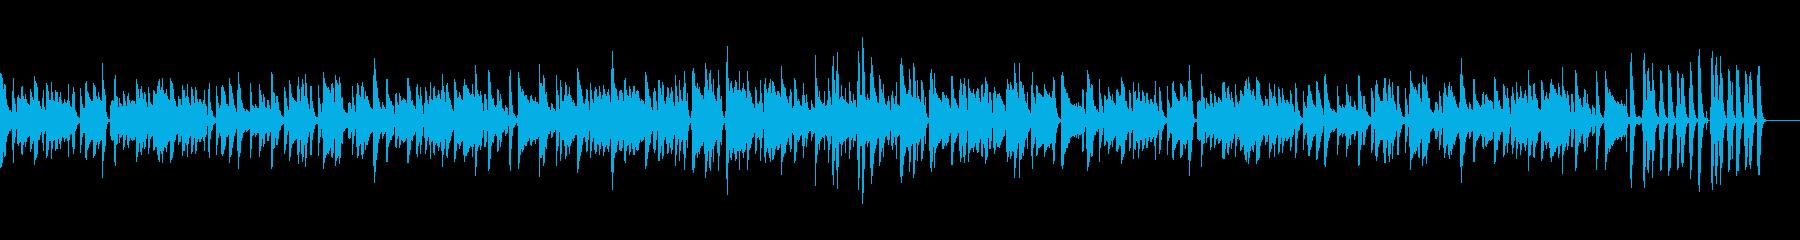 ふんわり優しい雰囲気のボサノバです。の再生済みの波形